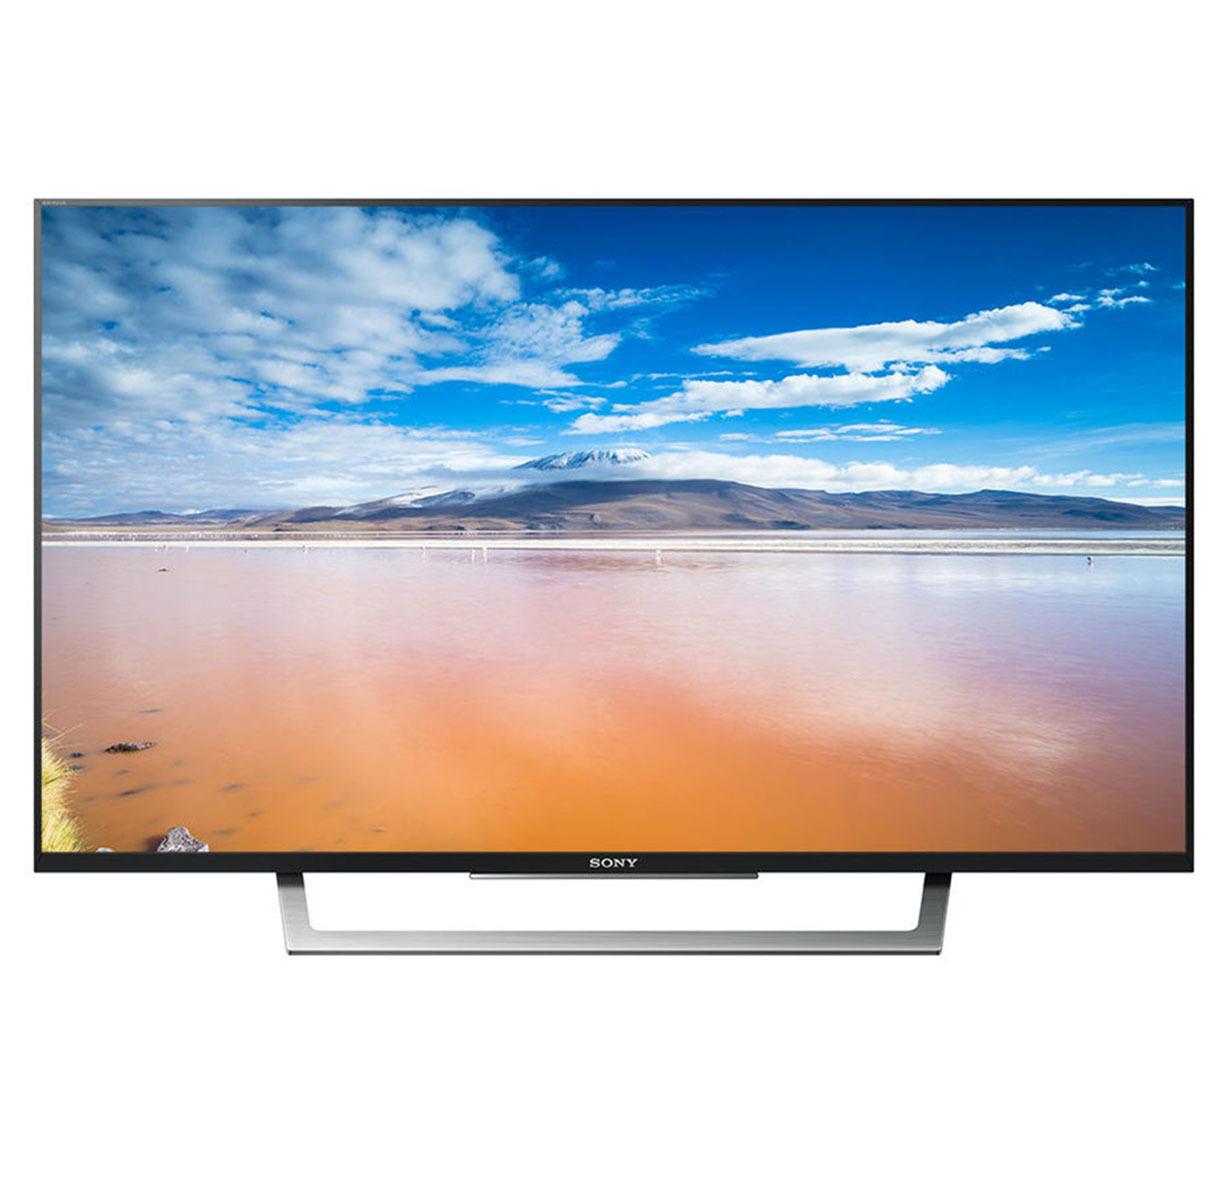 KDL-32WD756 телевизор Sony купить в Sony Centre Воронеж